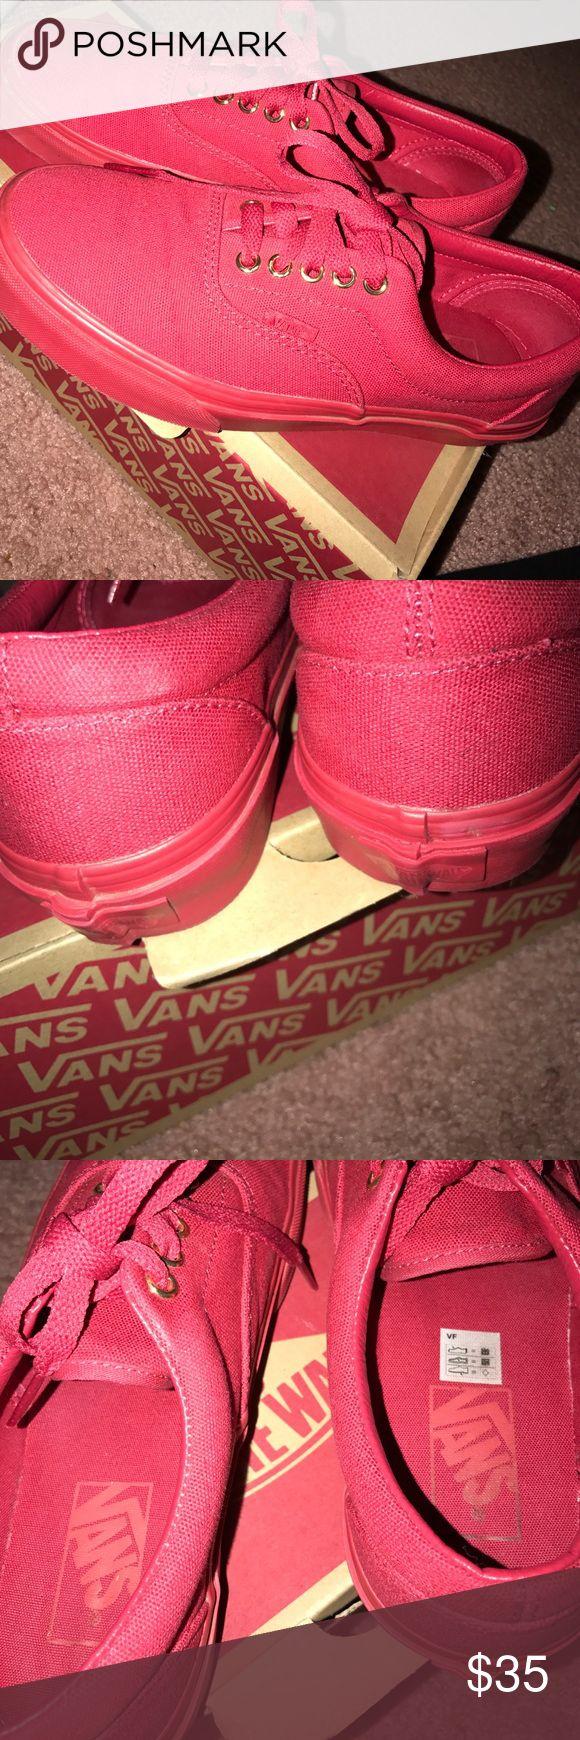 Red Vans Red Vans with gold detailing women's 8 men's 6.5 Vans Shoes Sneakers